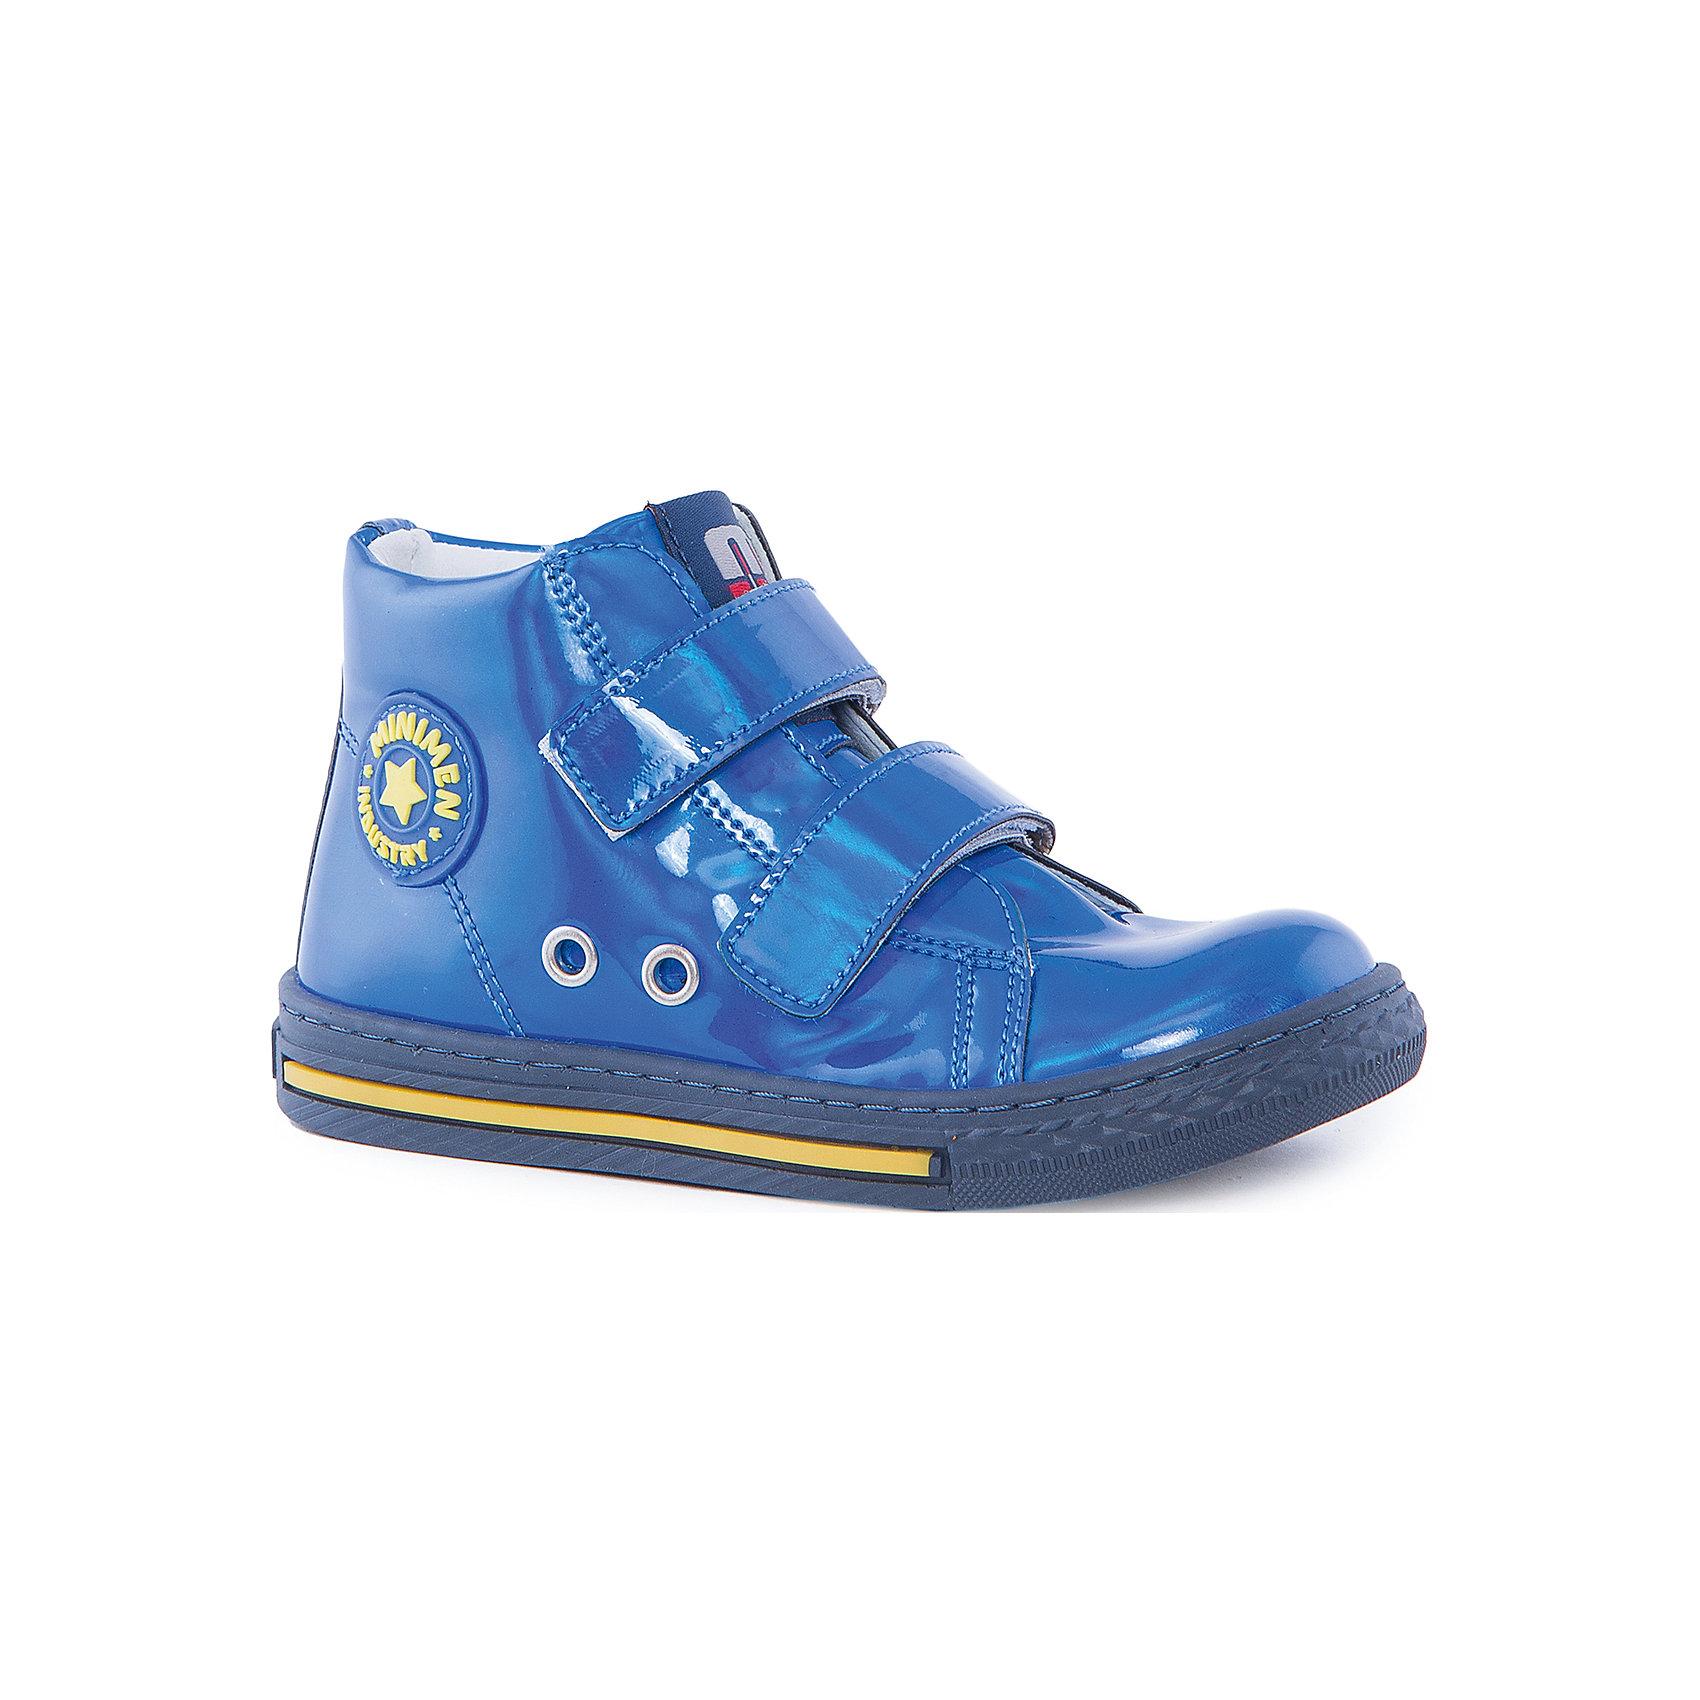 Ботинки для девочки MinimenСтильные и практичные ботиночки от Minimen. Они имеют ортопедическую стельку и толстую подошву. Ботинки легко надевать и застегивать при помощи липучек. Кроме того, вы можете не переживать о промокших ногах, если ребенок пройдет по луже. Отлично подойдут для осени.<br><br>Дополнительная информация:<br>Стелька: супинатор<br>Цвет: синий<br>Сезон: осень<br>Материал: кожа<br><br>Ботинки Minimen можно купить в нашем интернет-магазине.<br><br>Ширина мм: 262<br>Глубина мм: 176<br>Высота мм: 97<br>Вес г: 427<br>Цвет: голубой<br>Возраст от месяцев: 24<br>Возраст до месяцев: 24<br>Пол: Женский<br>Возраст: Детский<br>Размер: 25,30,26,27,28,29<br>SKU: 4969997